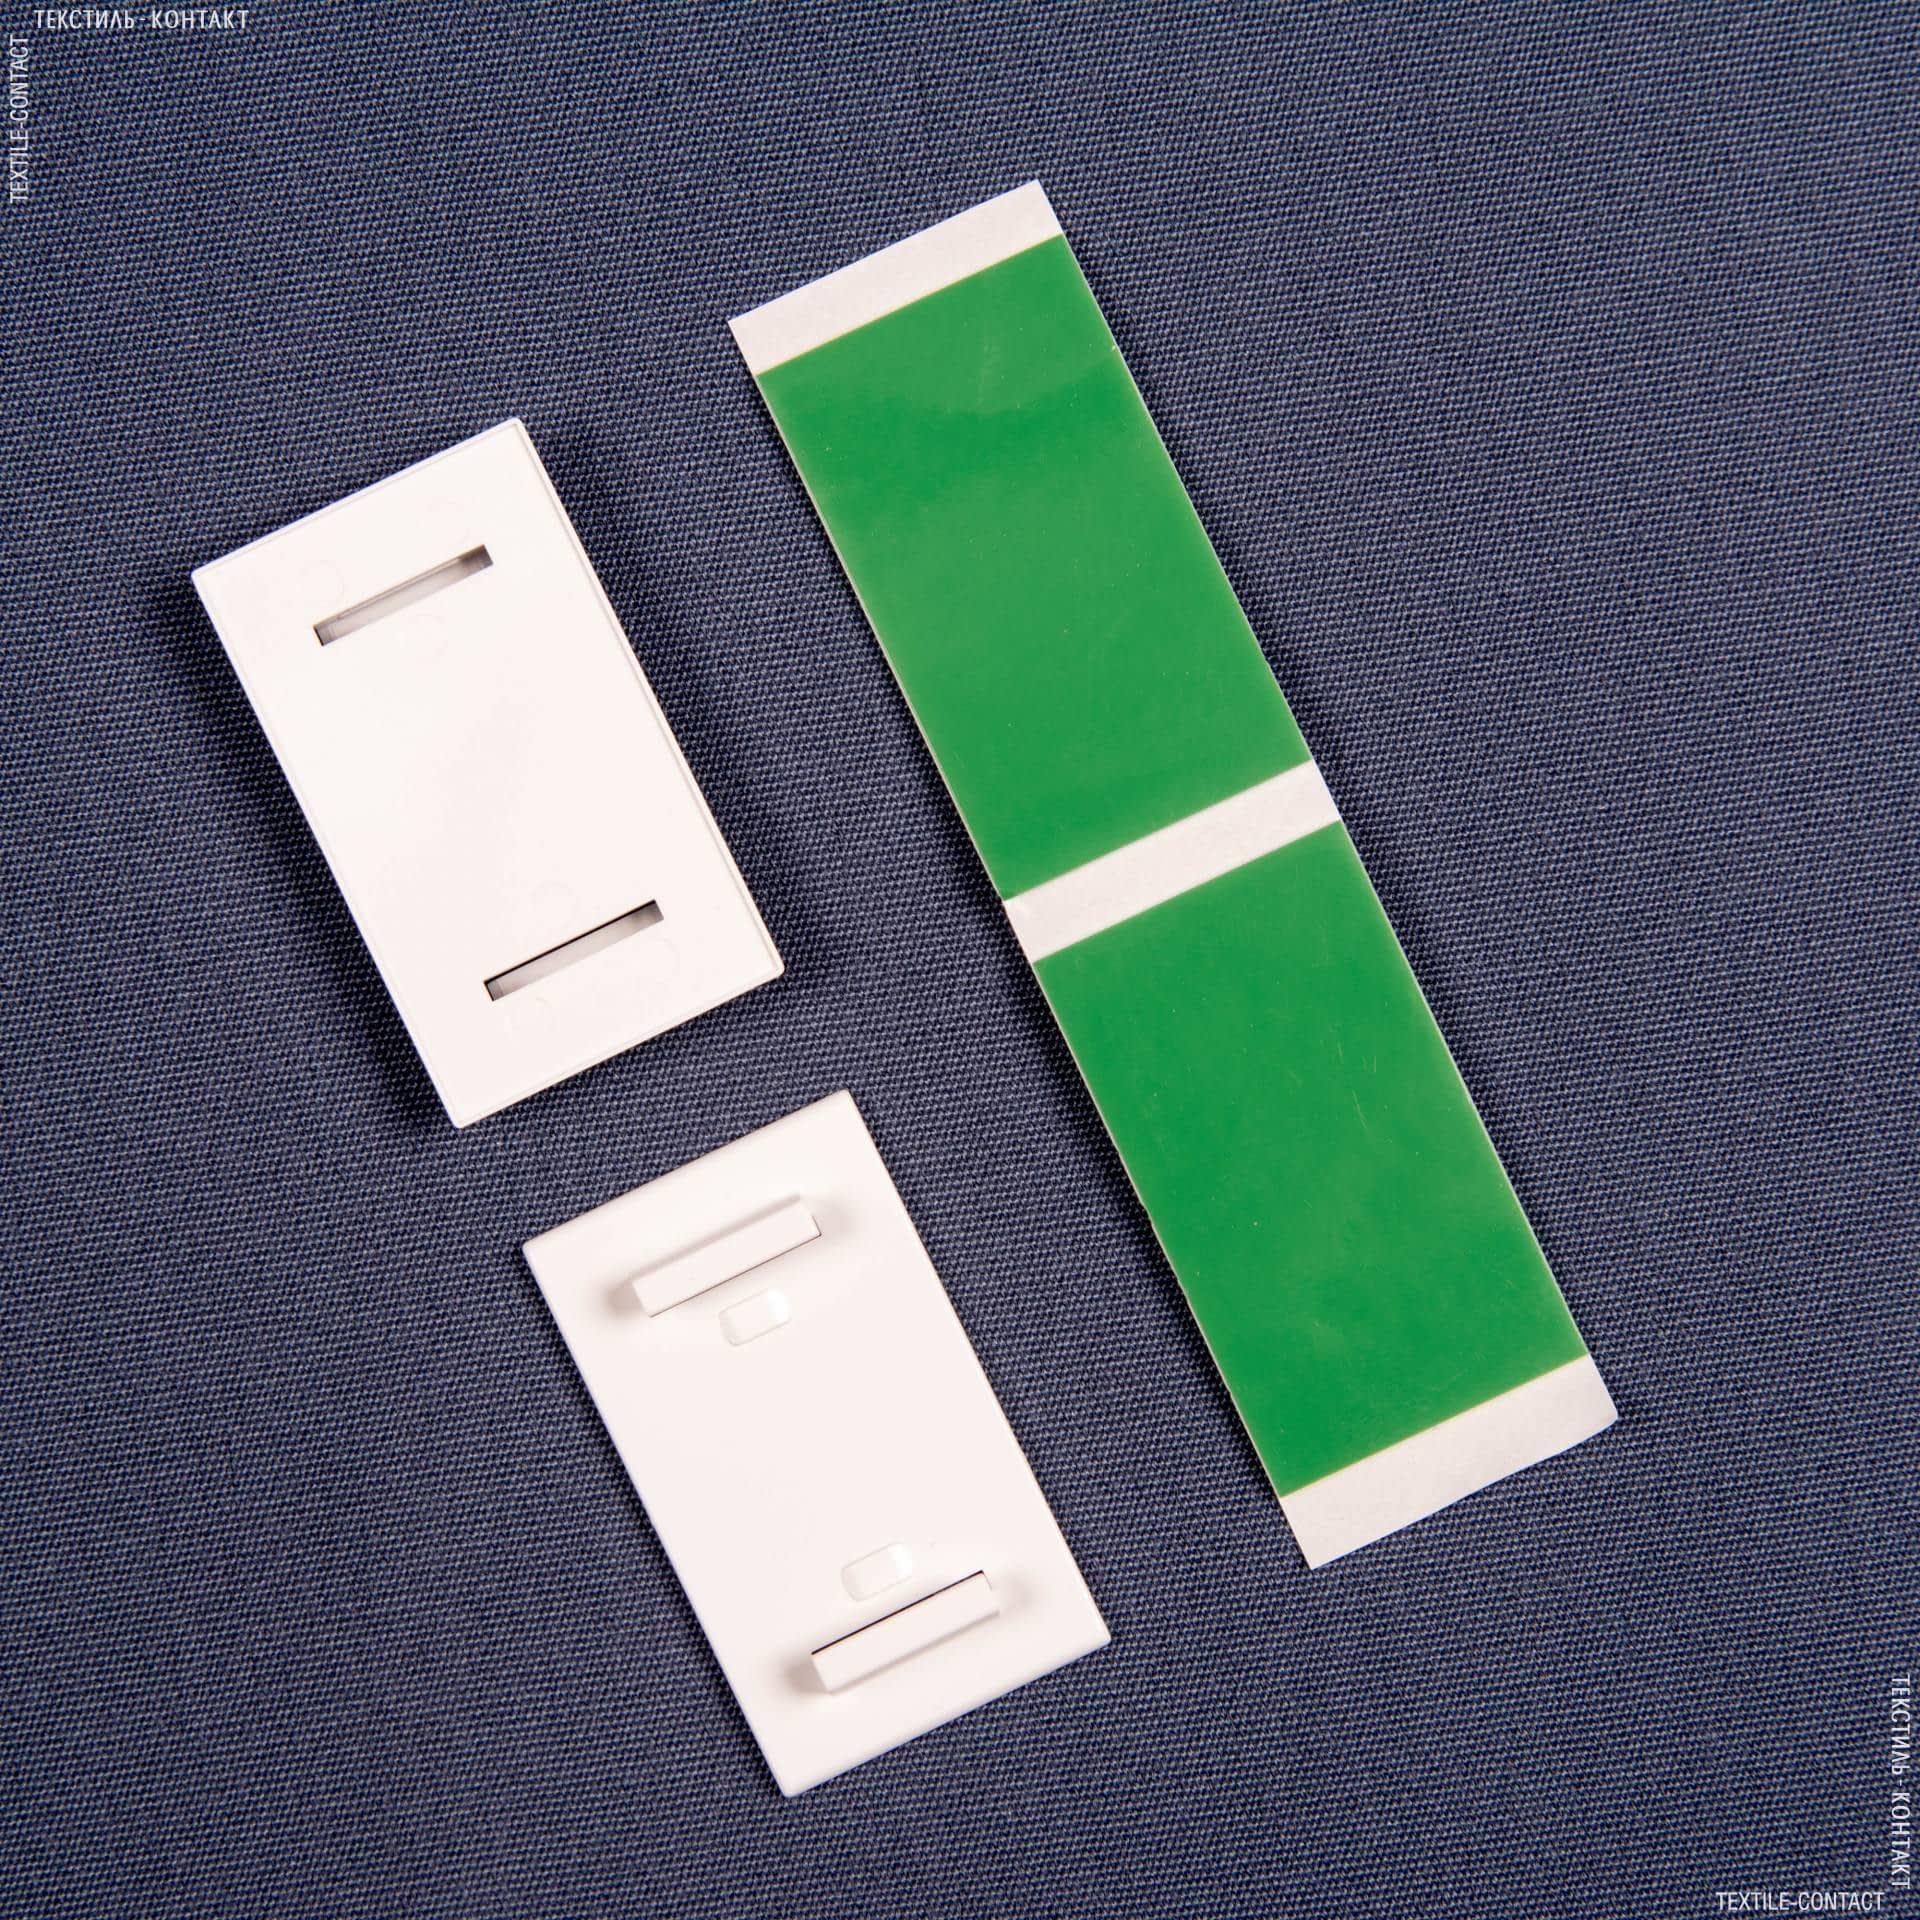 Ткани фурнитура для дома - Крепление для мини роллет (глухое окно) 2шт.